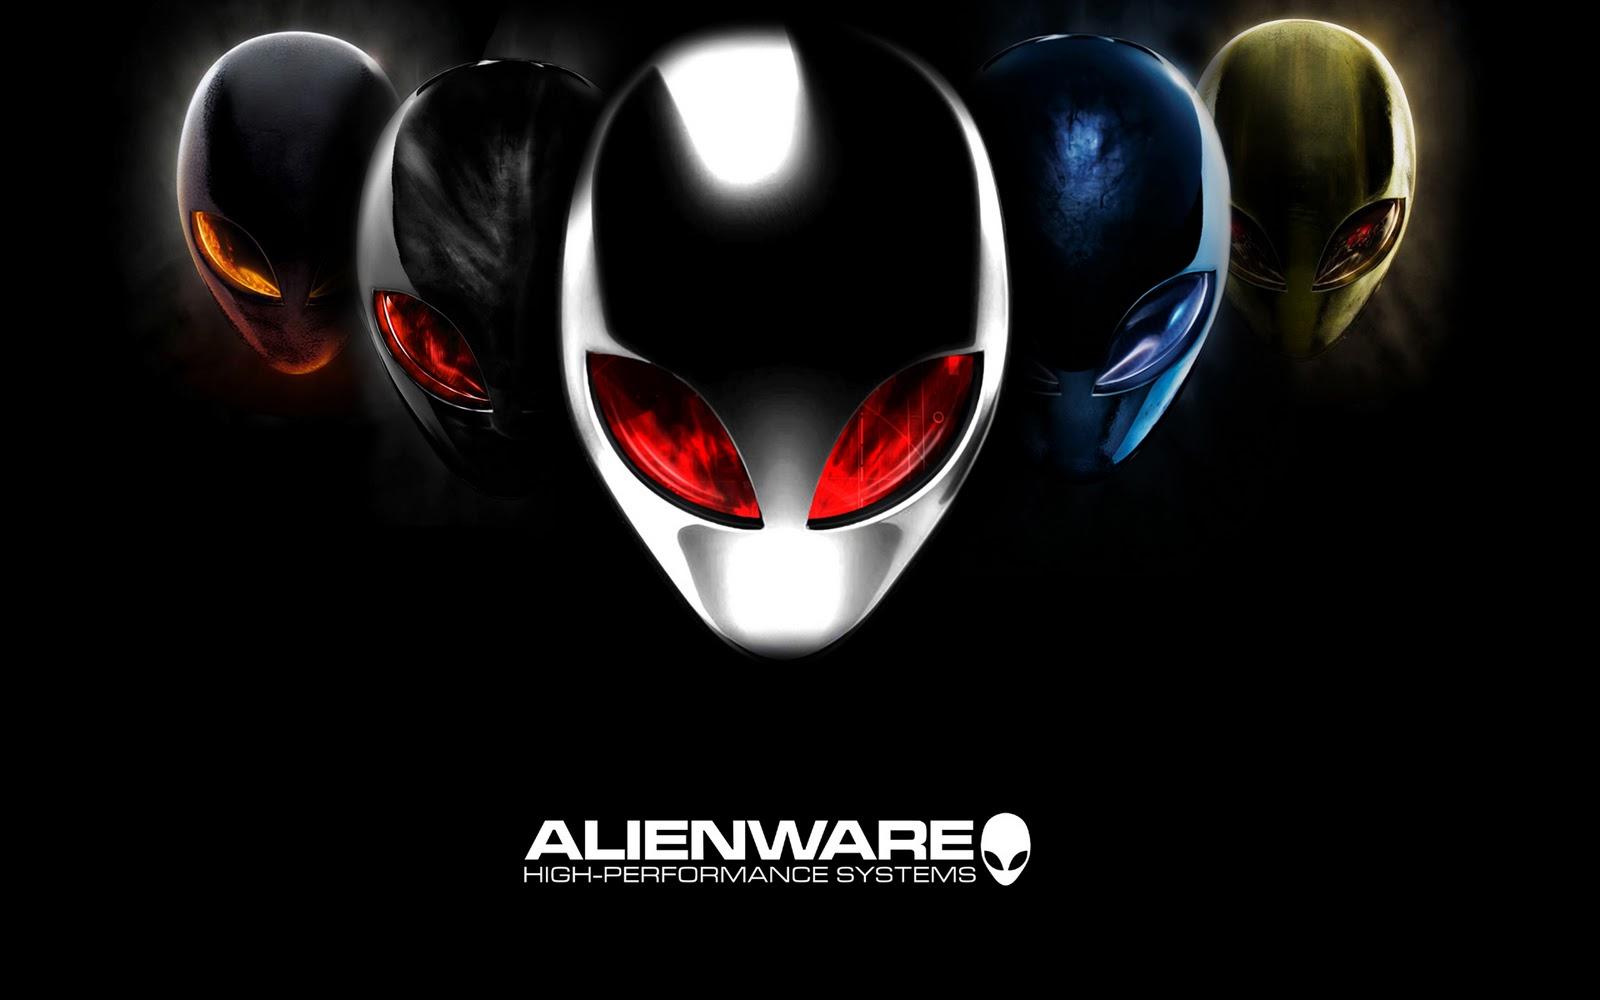 Alienware wallpaper hd 1080p download 1600x1000